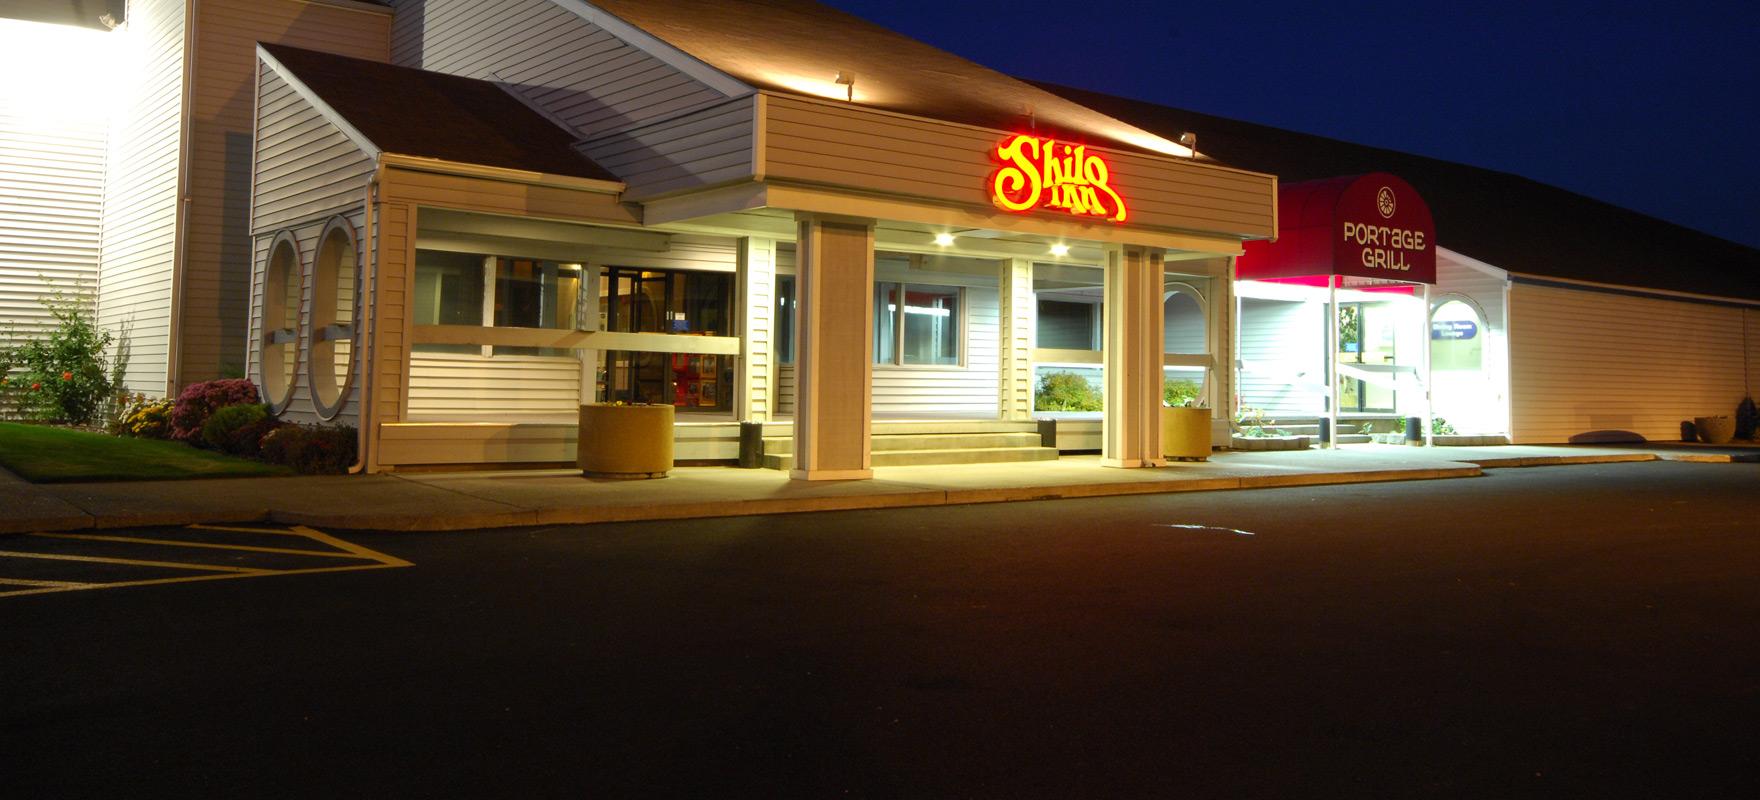 Shilo Inns Suites Hotels The Dalles Oregon